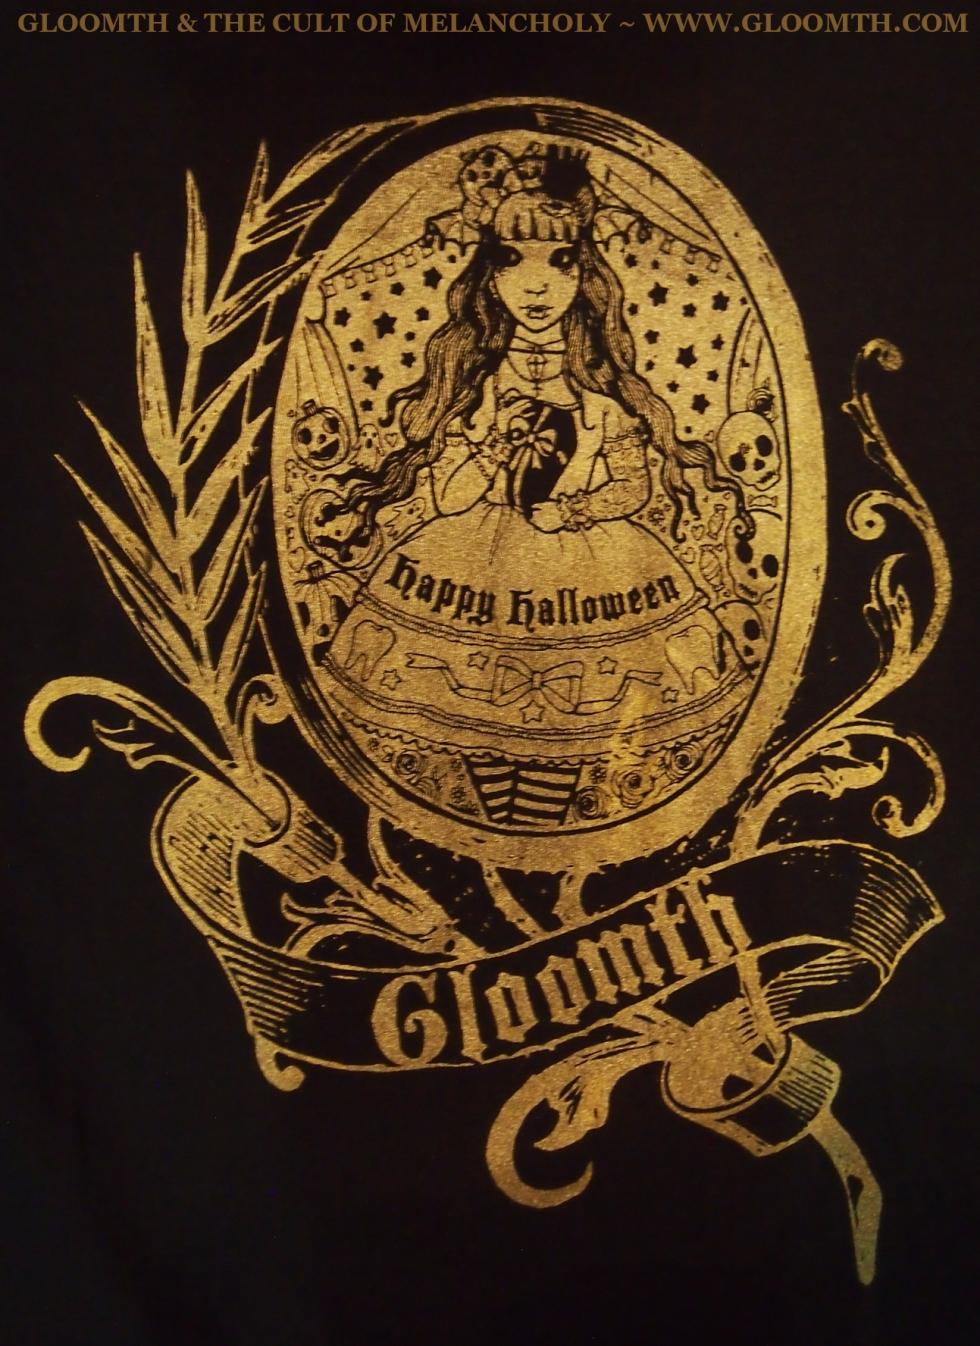 halloween tshirt gloomth